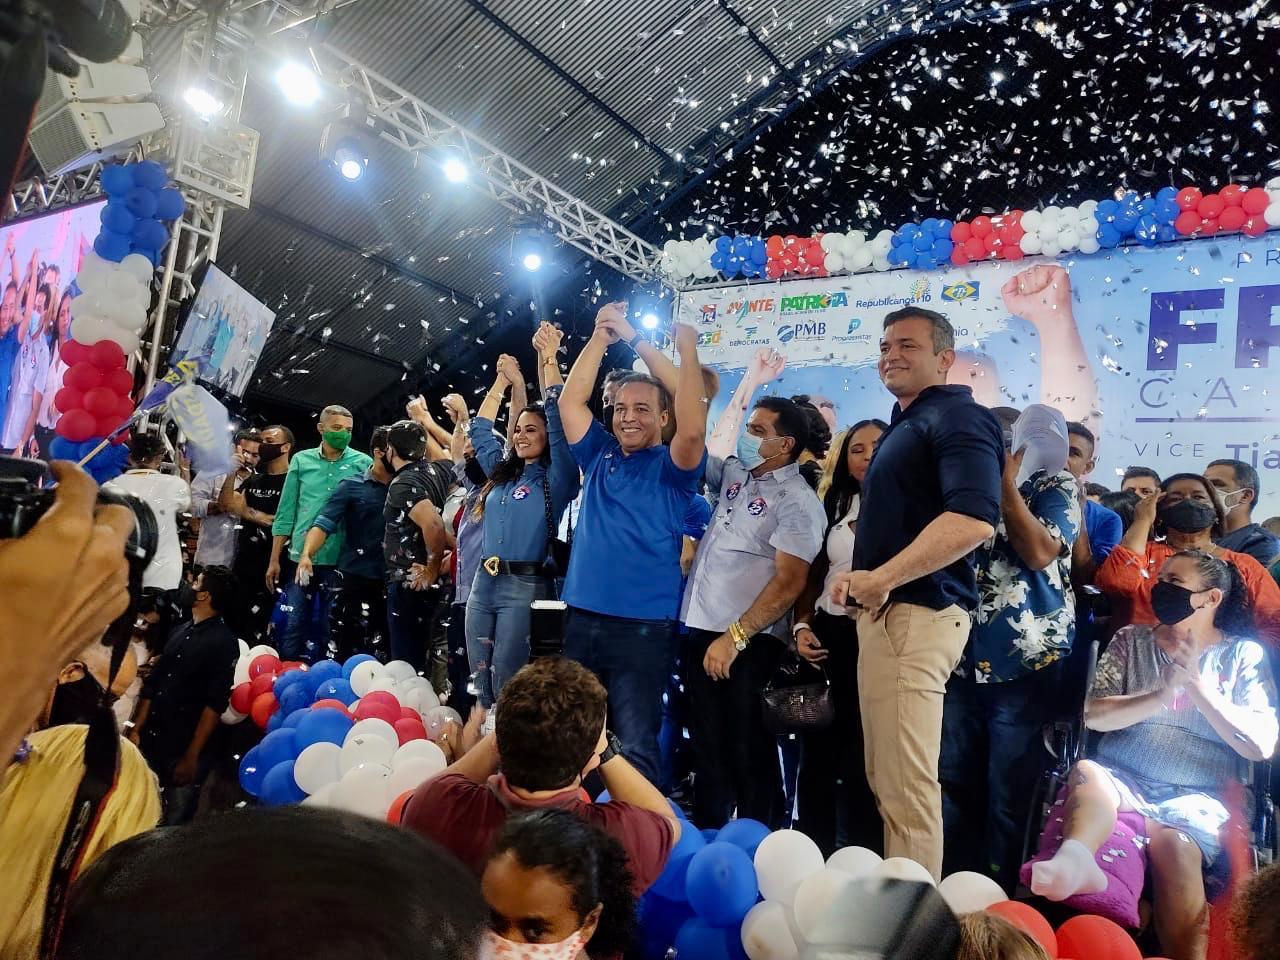 Fred Campos oficializa candidatura em Paço do Lumiar